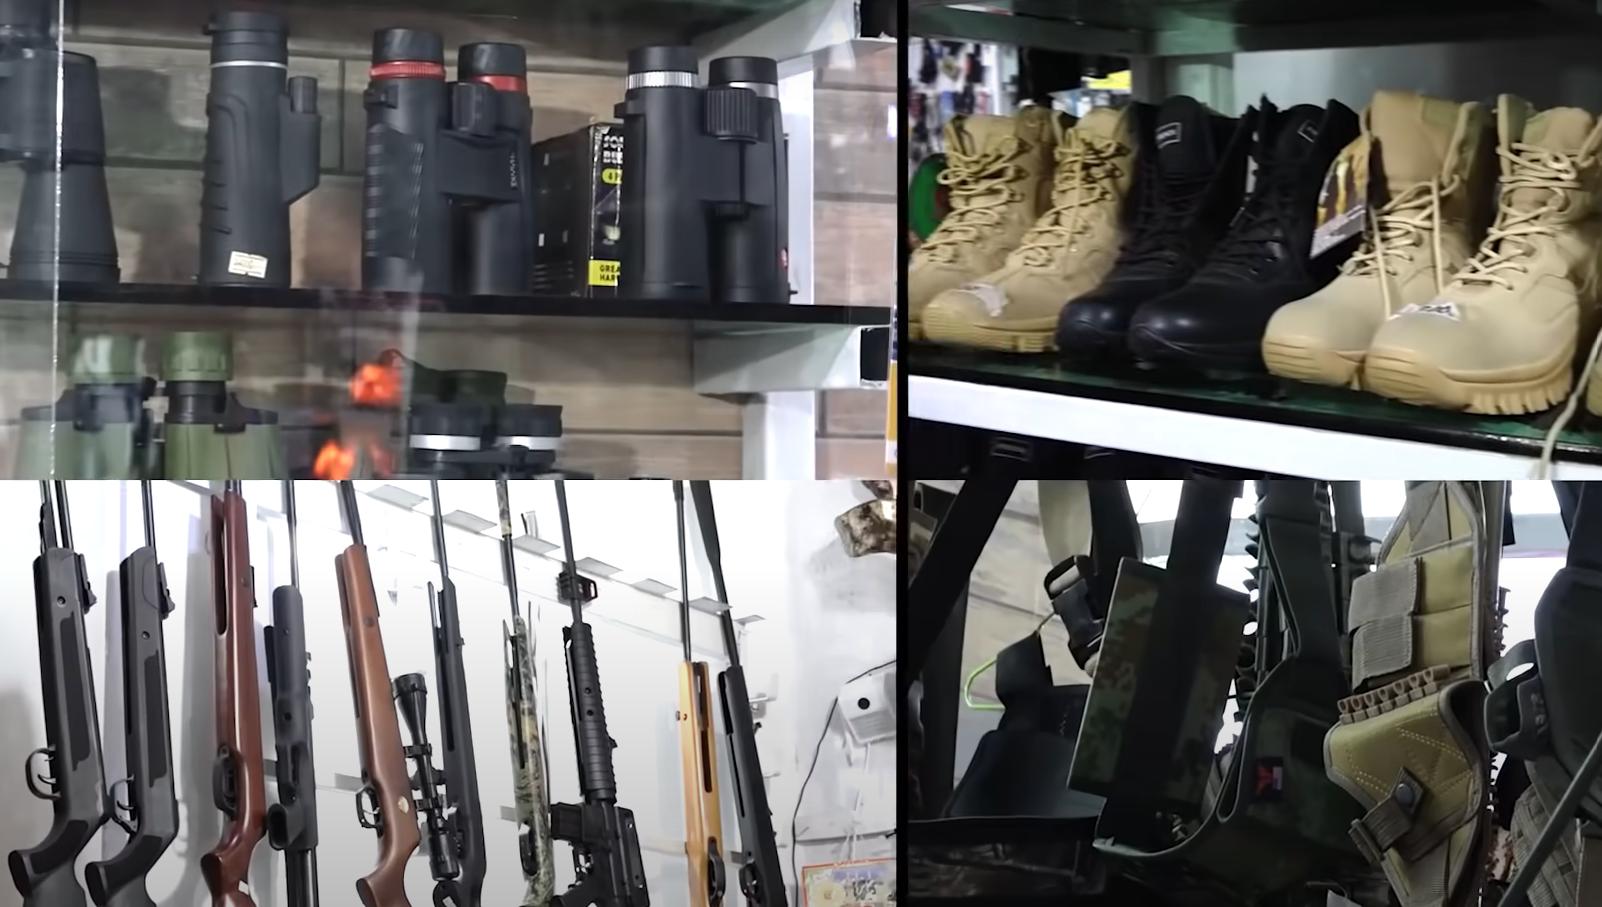 अफगानिस्तान में तालिबान के हाथ लगे अमेरिकी हथियार बिकने पहुंचे लाहौर; बंदूक से लेकर बख्तरबंद गाड़ियों तक सब मिल रहा बेहद सस्ता|विदेश,International - Dainik Bhaskar